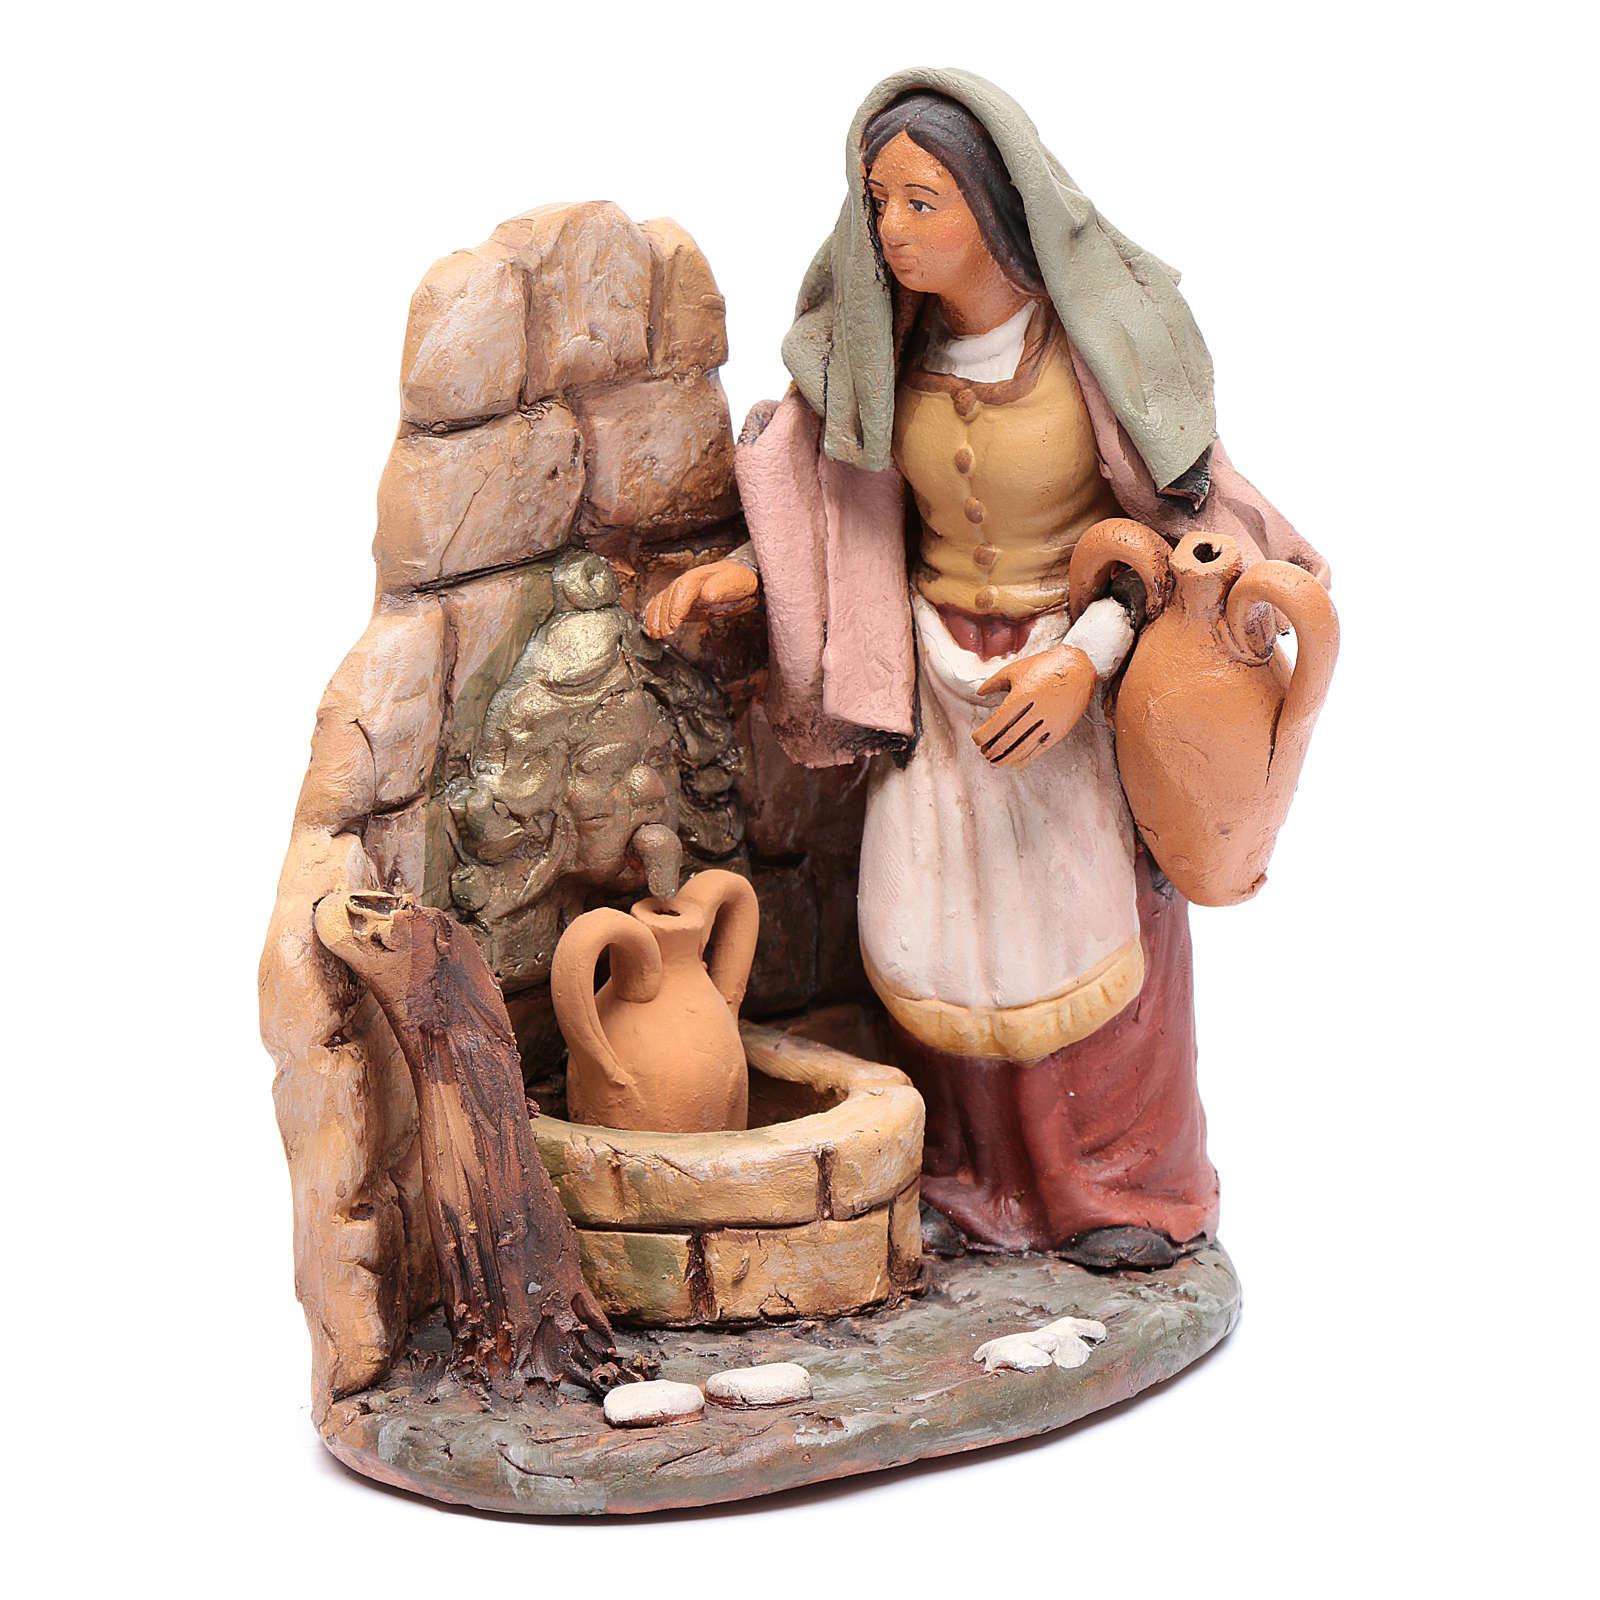 Femme au puits crèche Deruta 18 cm terre cuite 4